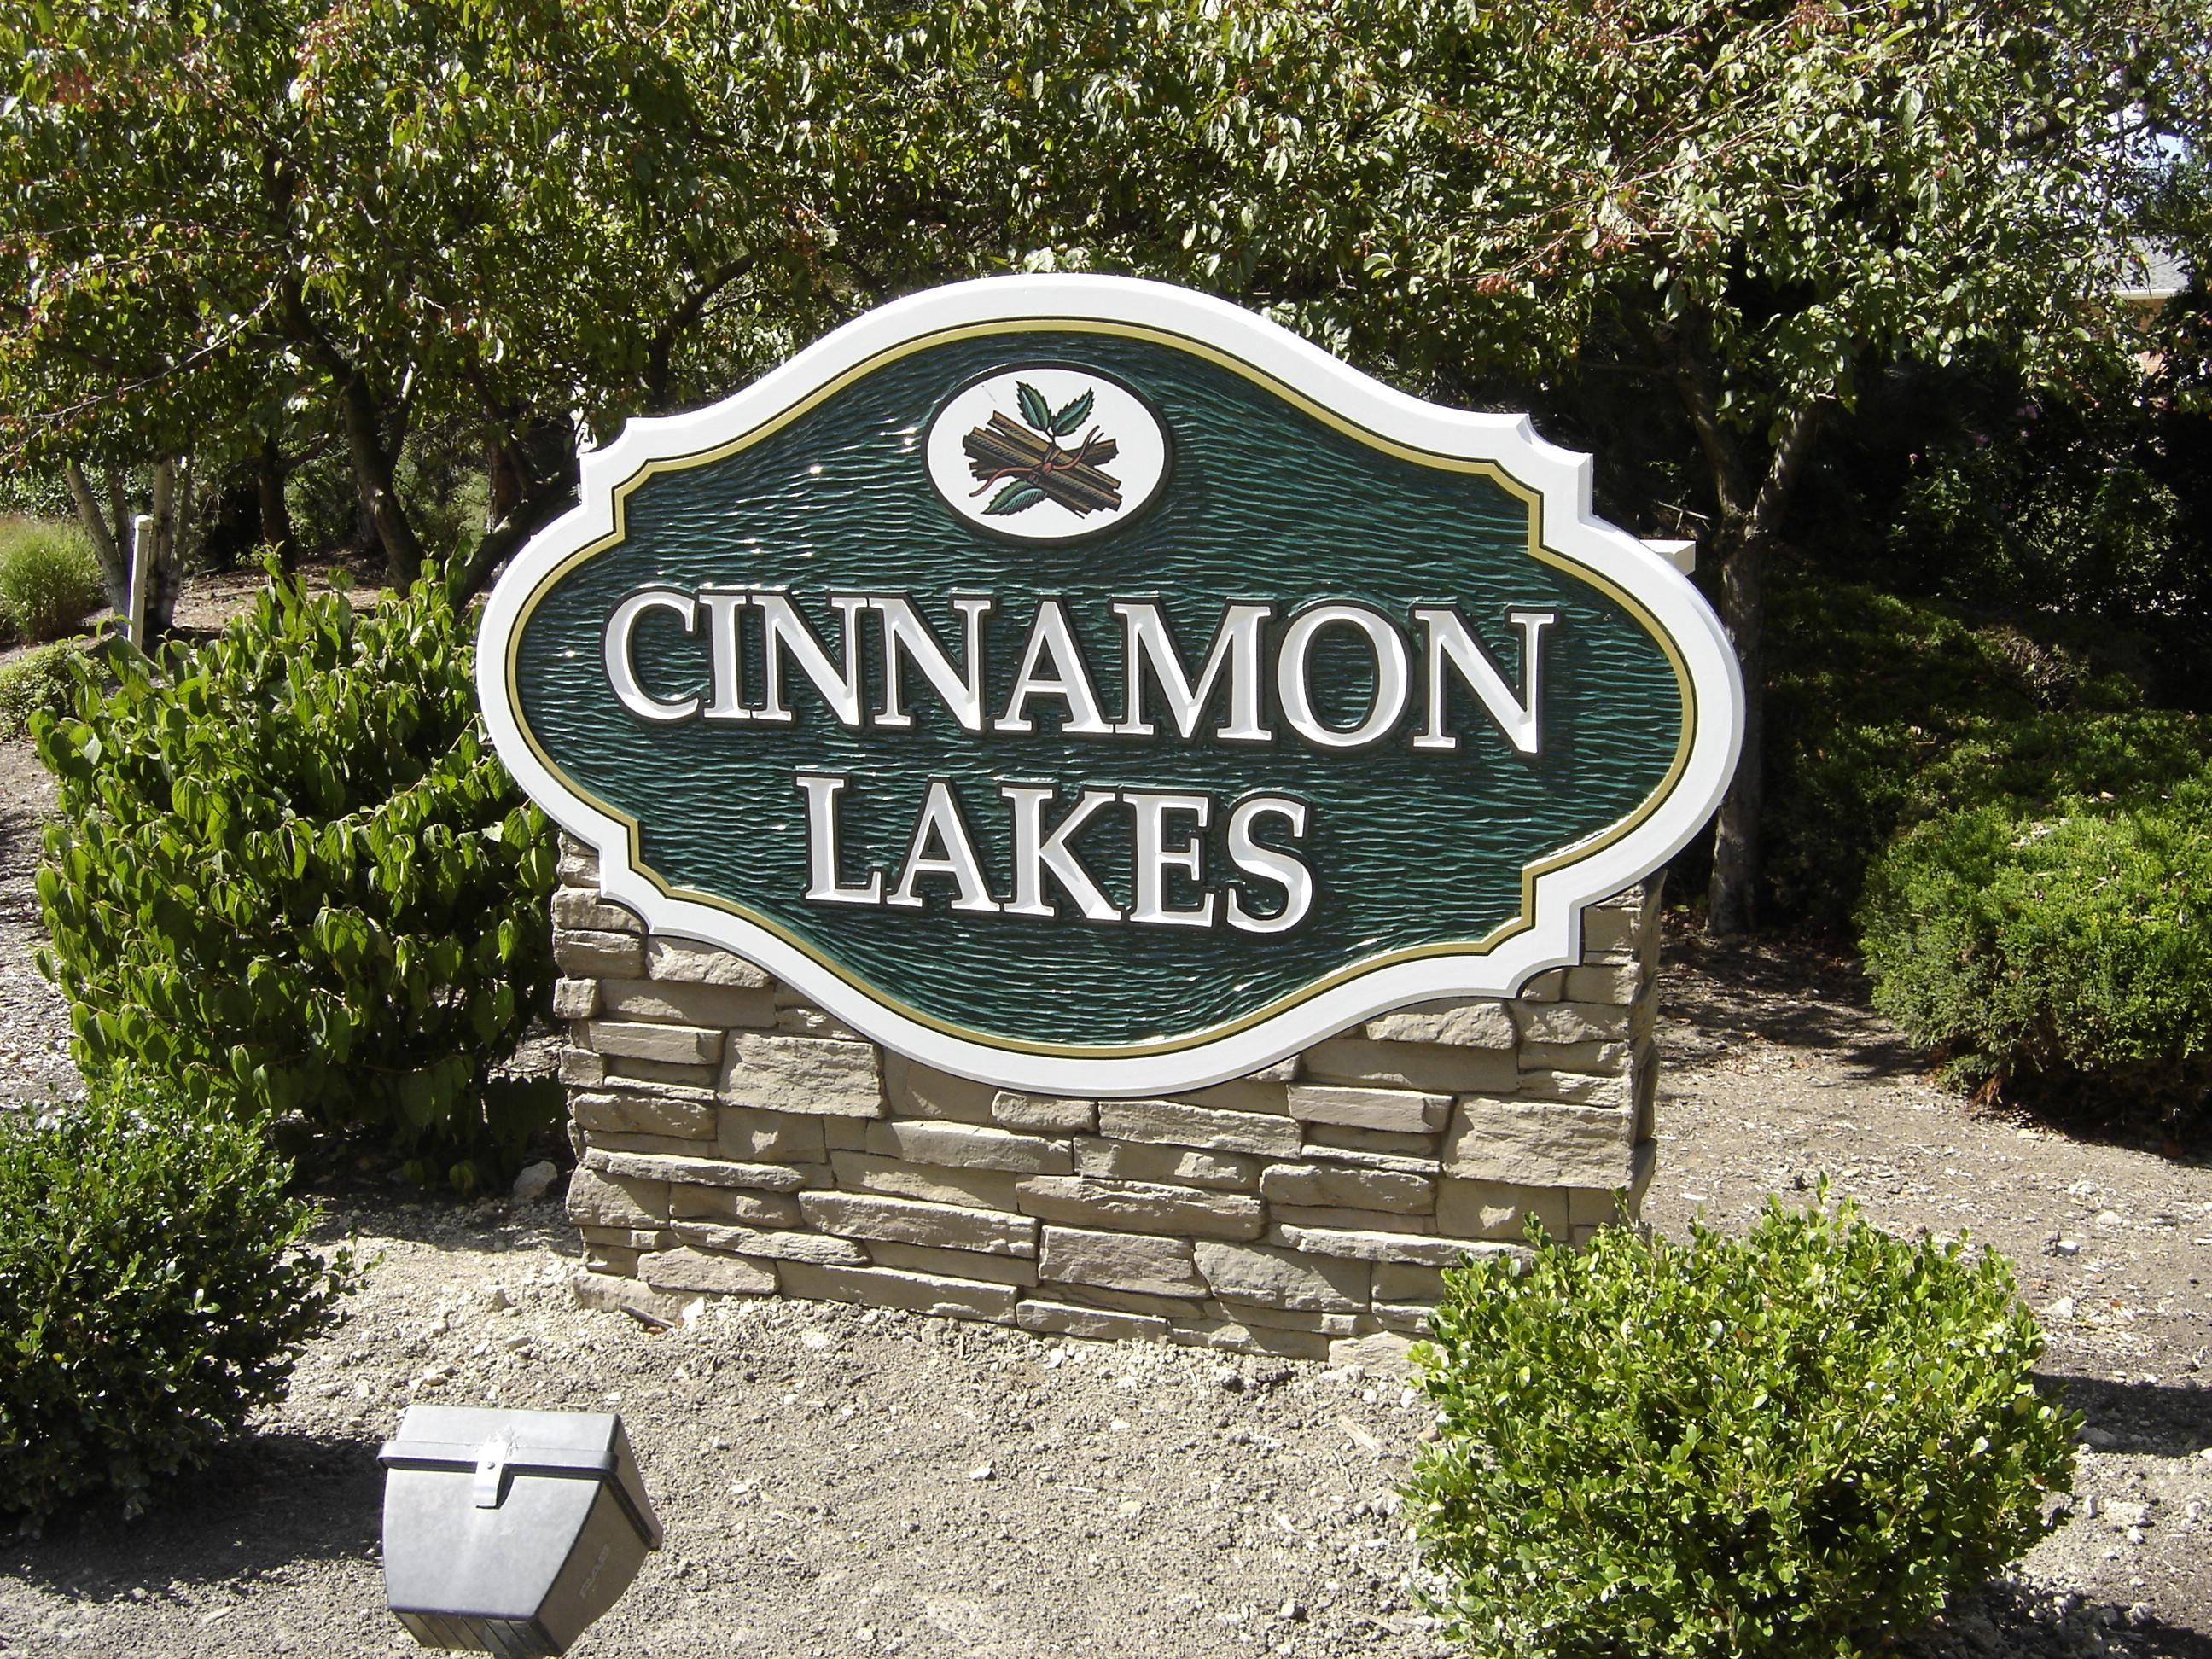 Cinnamon Lakes